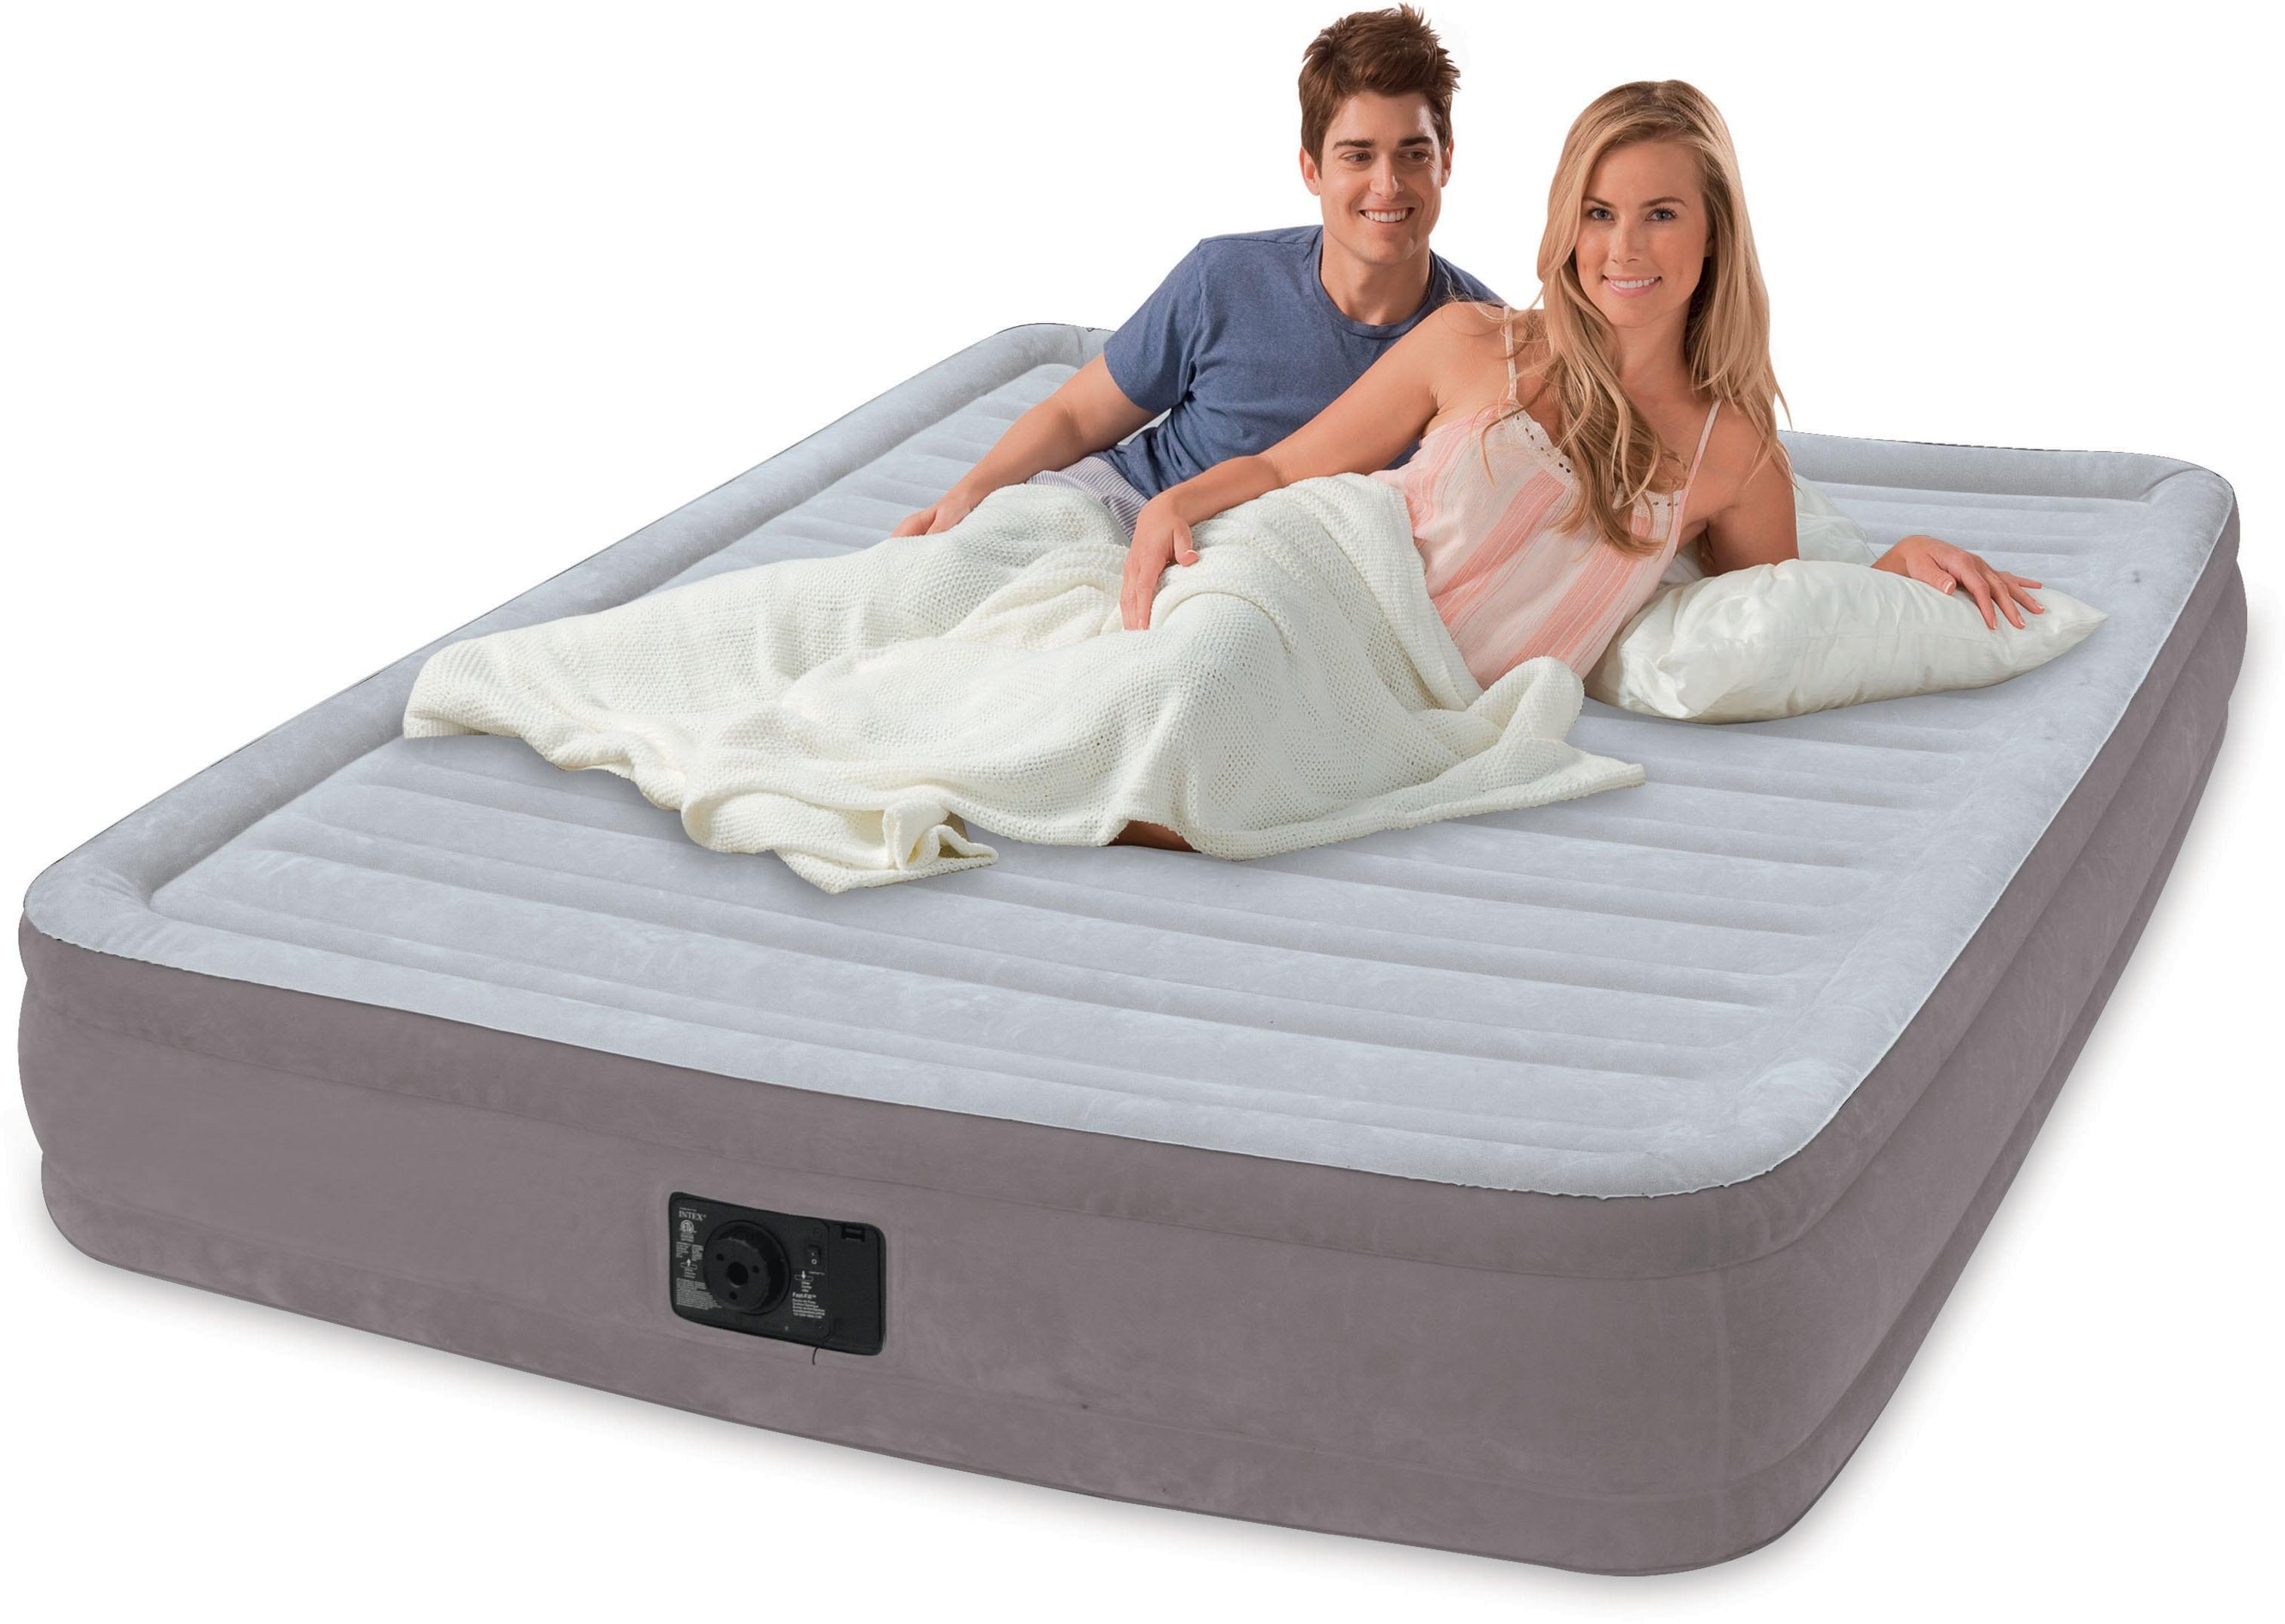 Intex Luftbett Comfort-Plush Twin günstig online kaufen